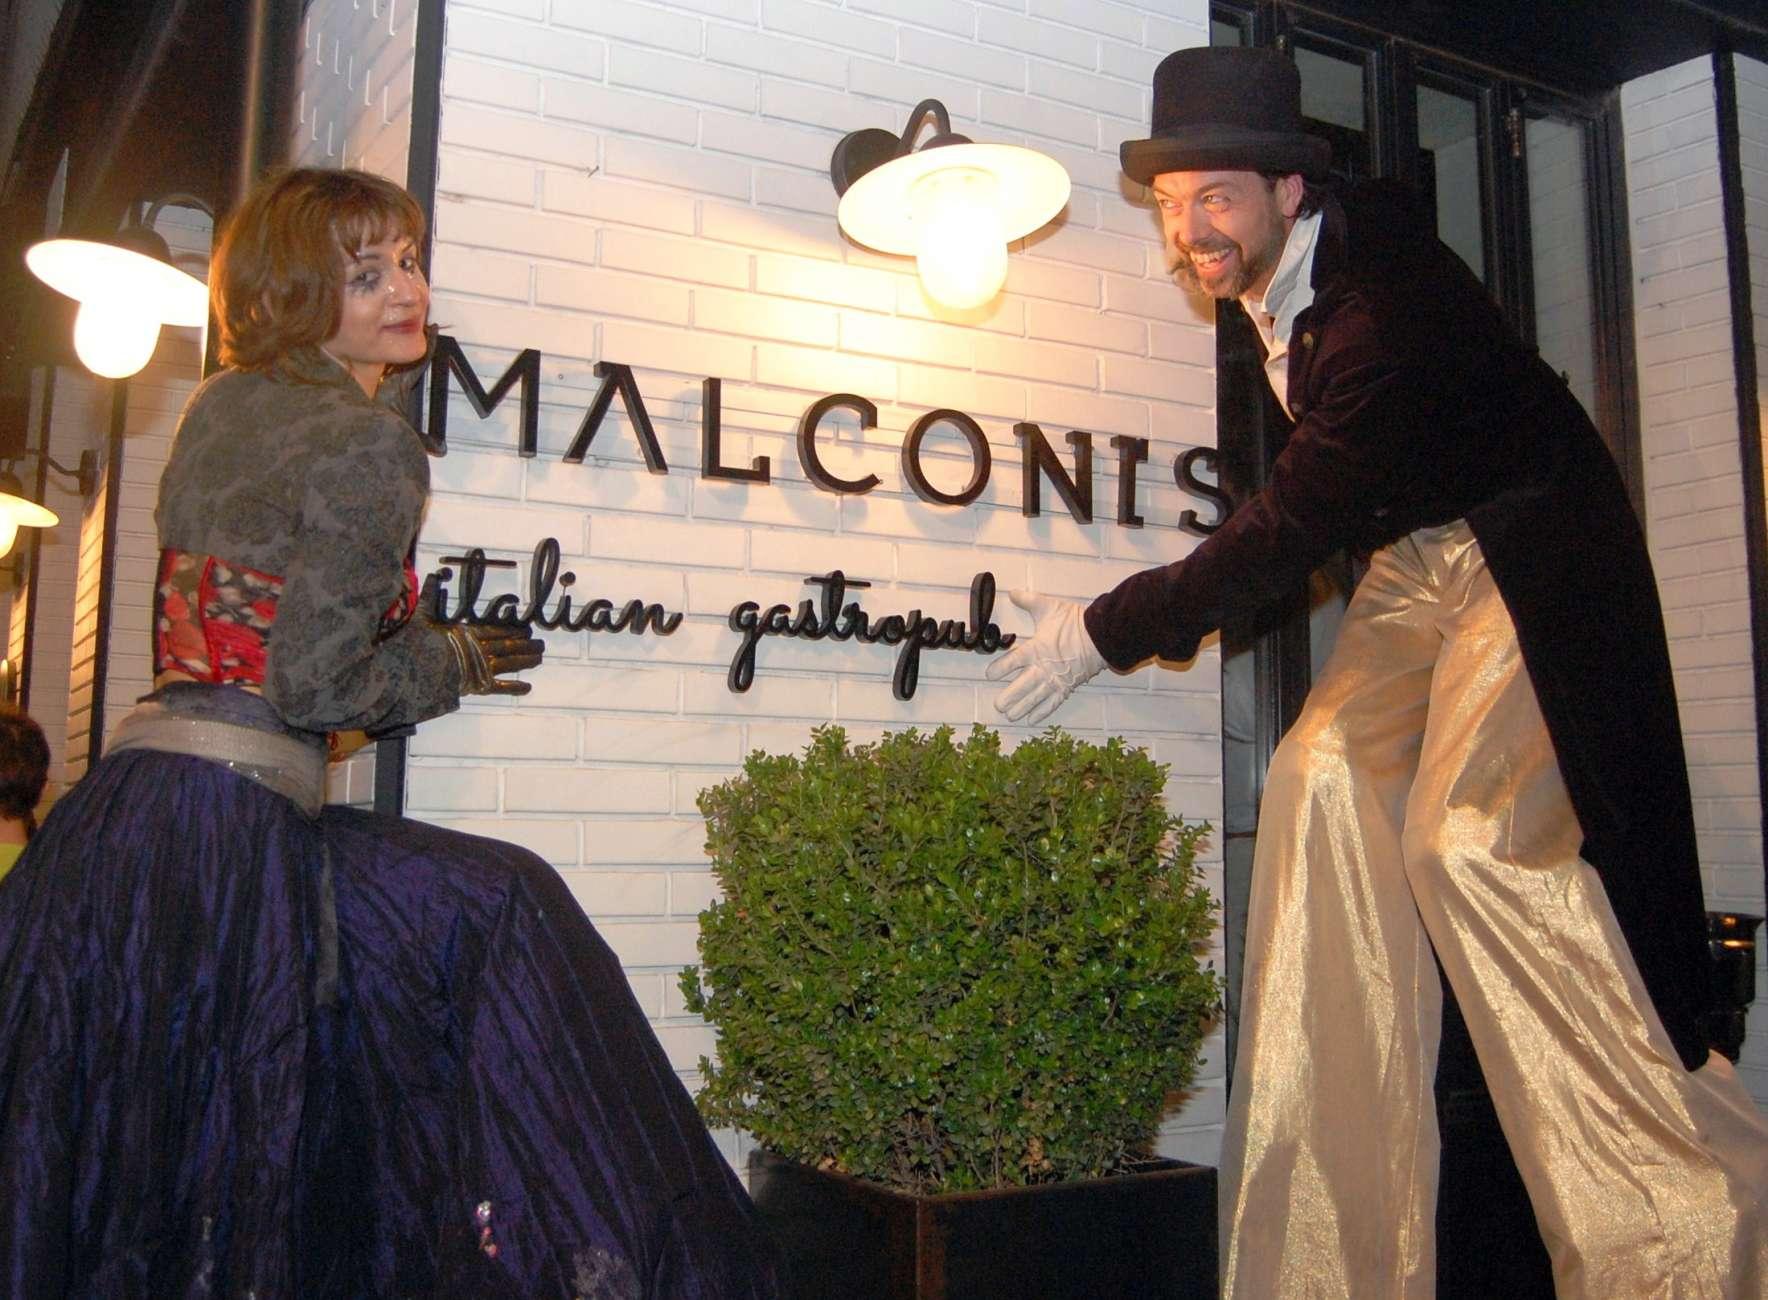 Χαμογελαστό ζευγάρι άντρα και γυναίκας ξυλοπόδαρων δείχνουν την επιγραφή με το όνομα του εστιατορίου Malconi's σε εκδήλωσή του